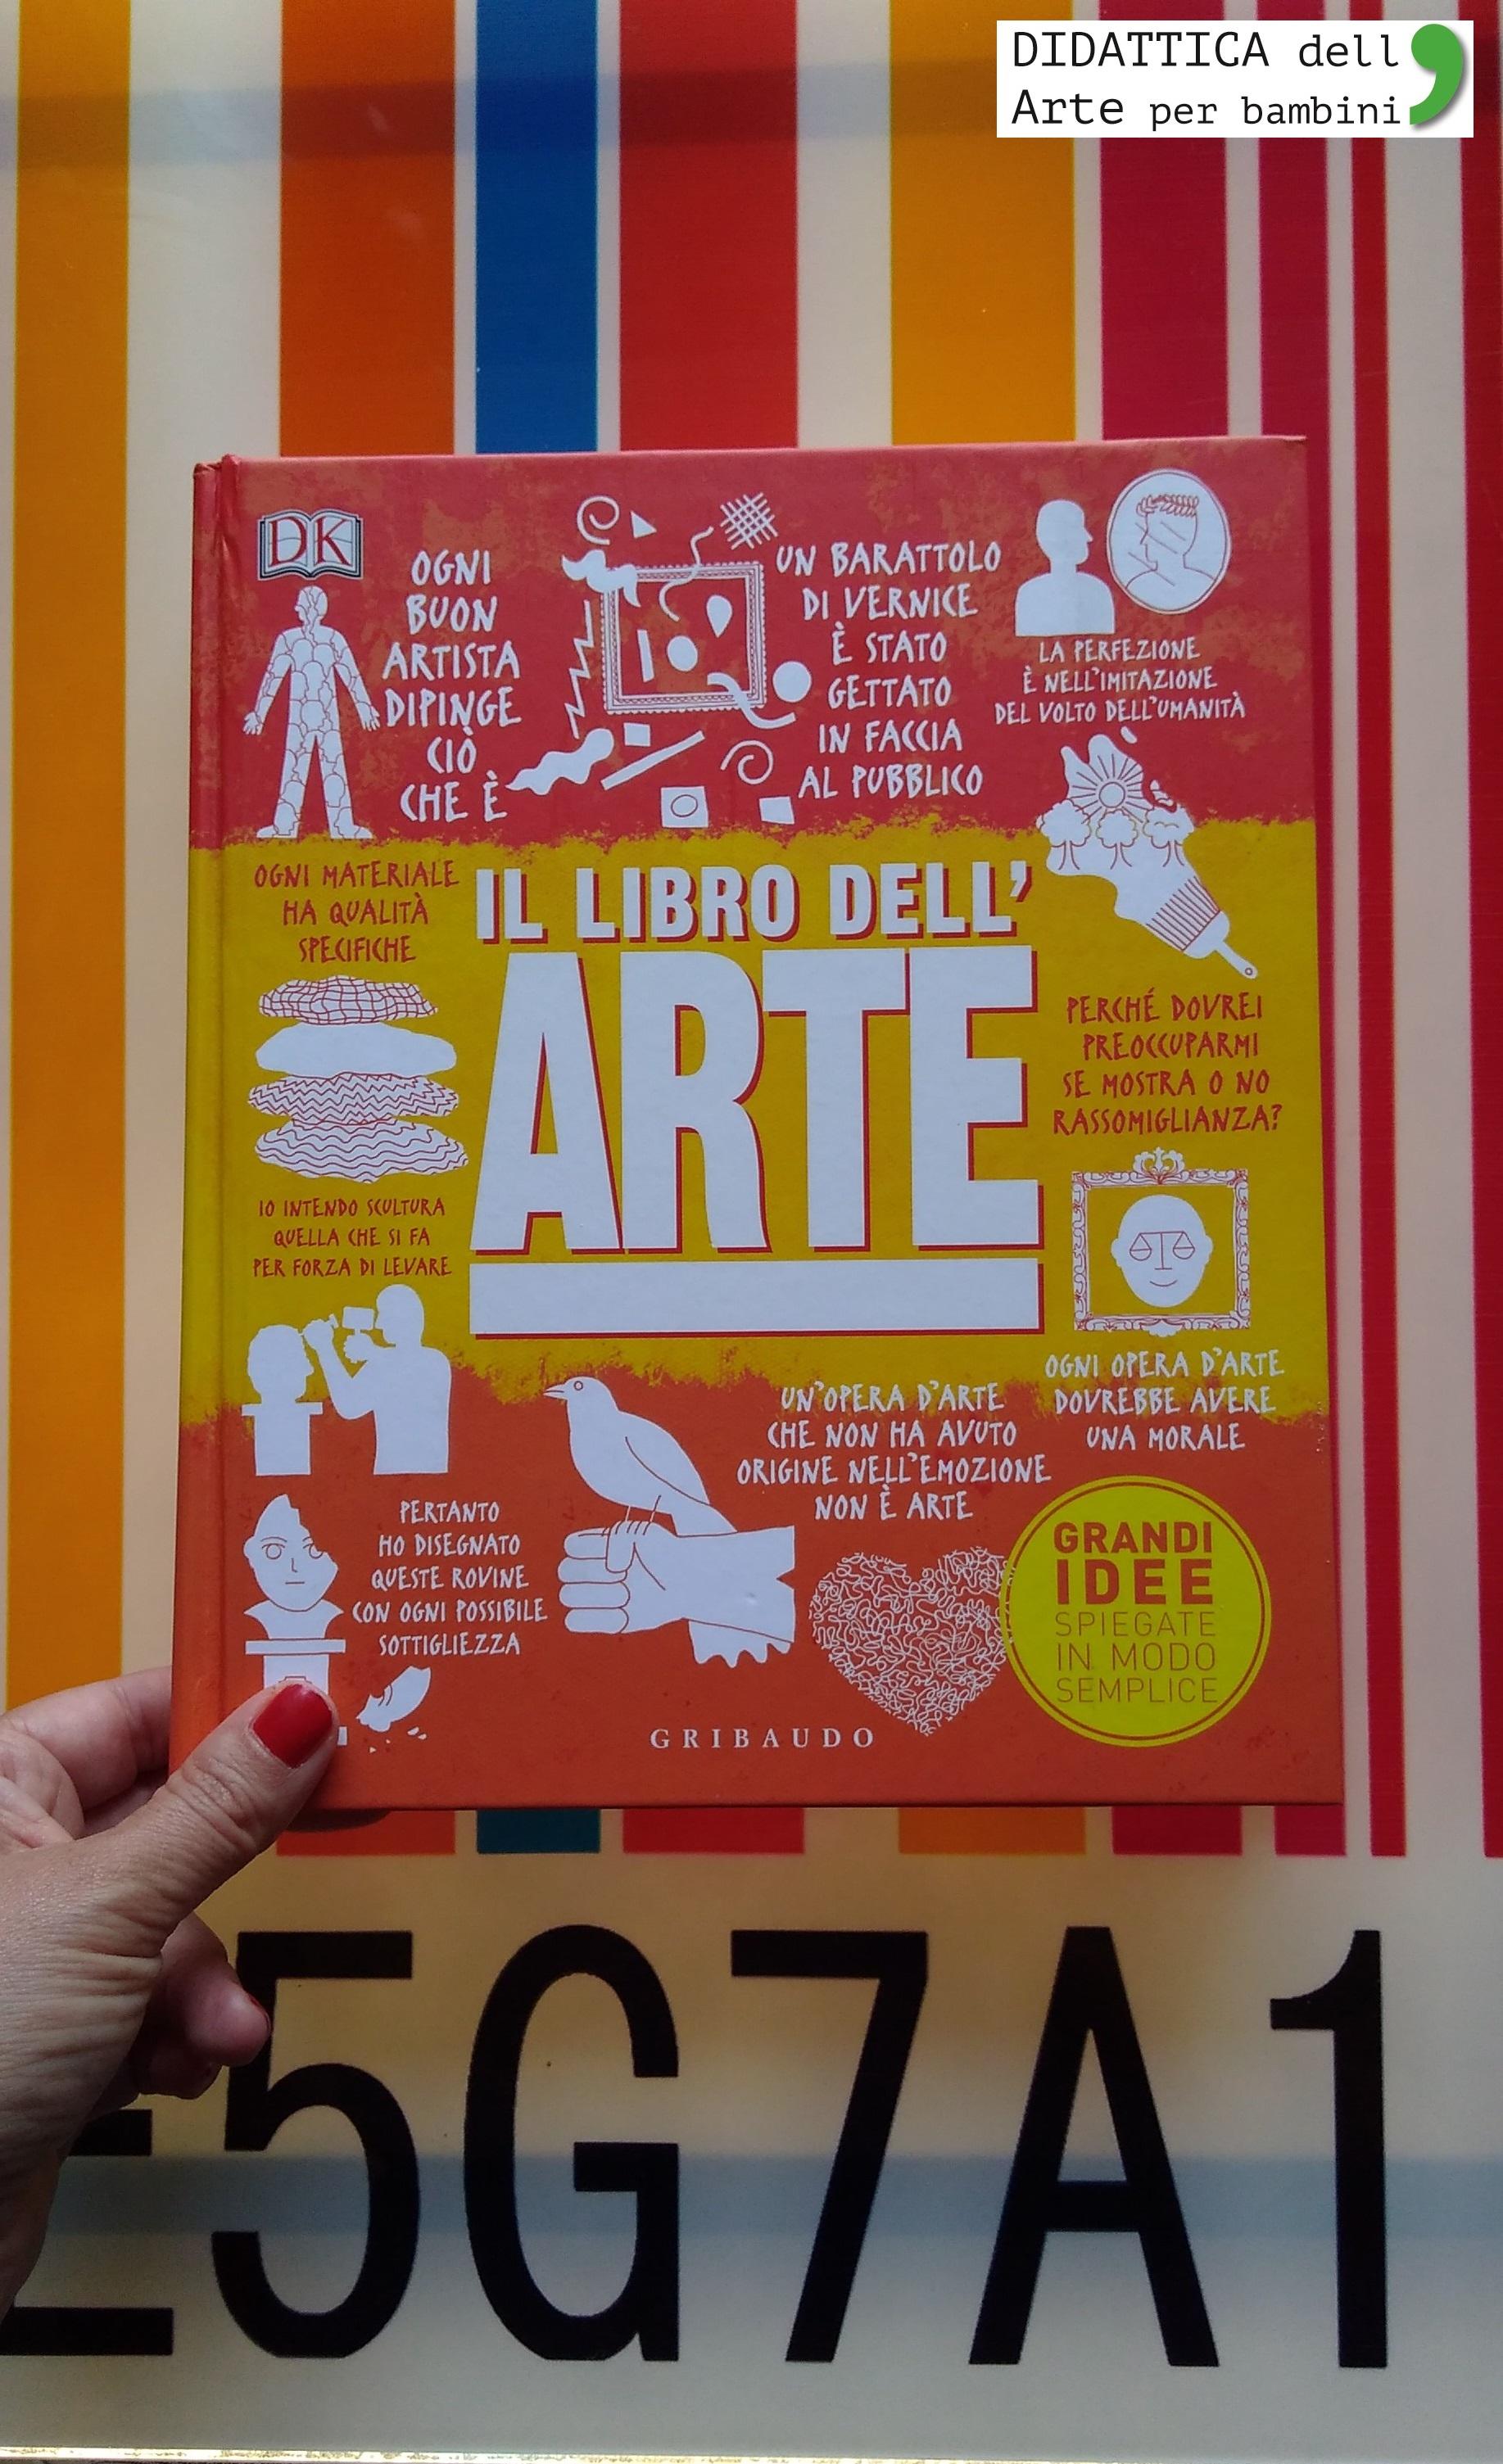 Favori Il libro dell'Arte | Didattica dell'Arte per Bambini IZ58